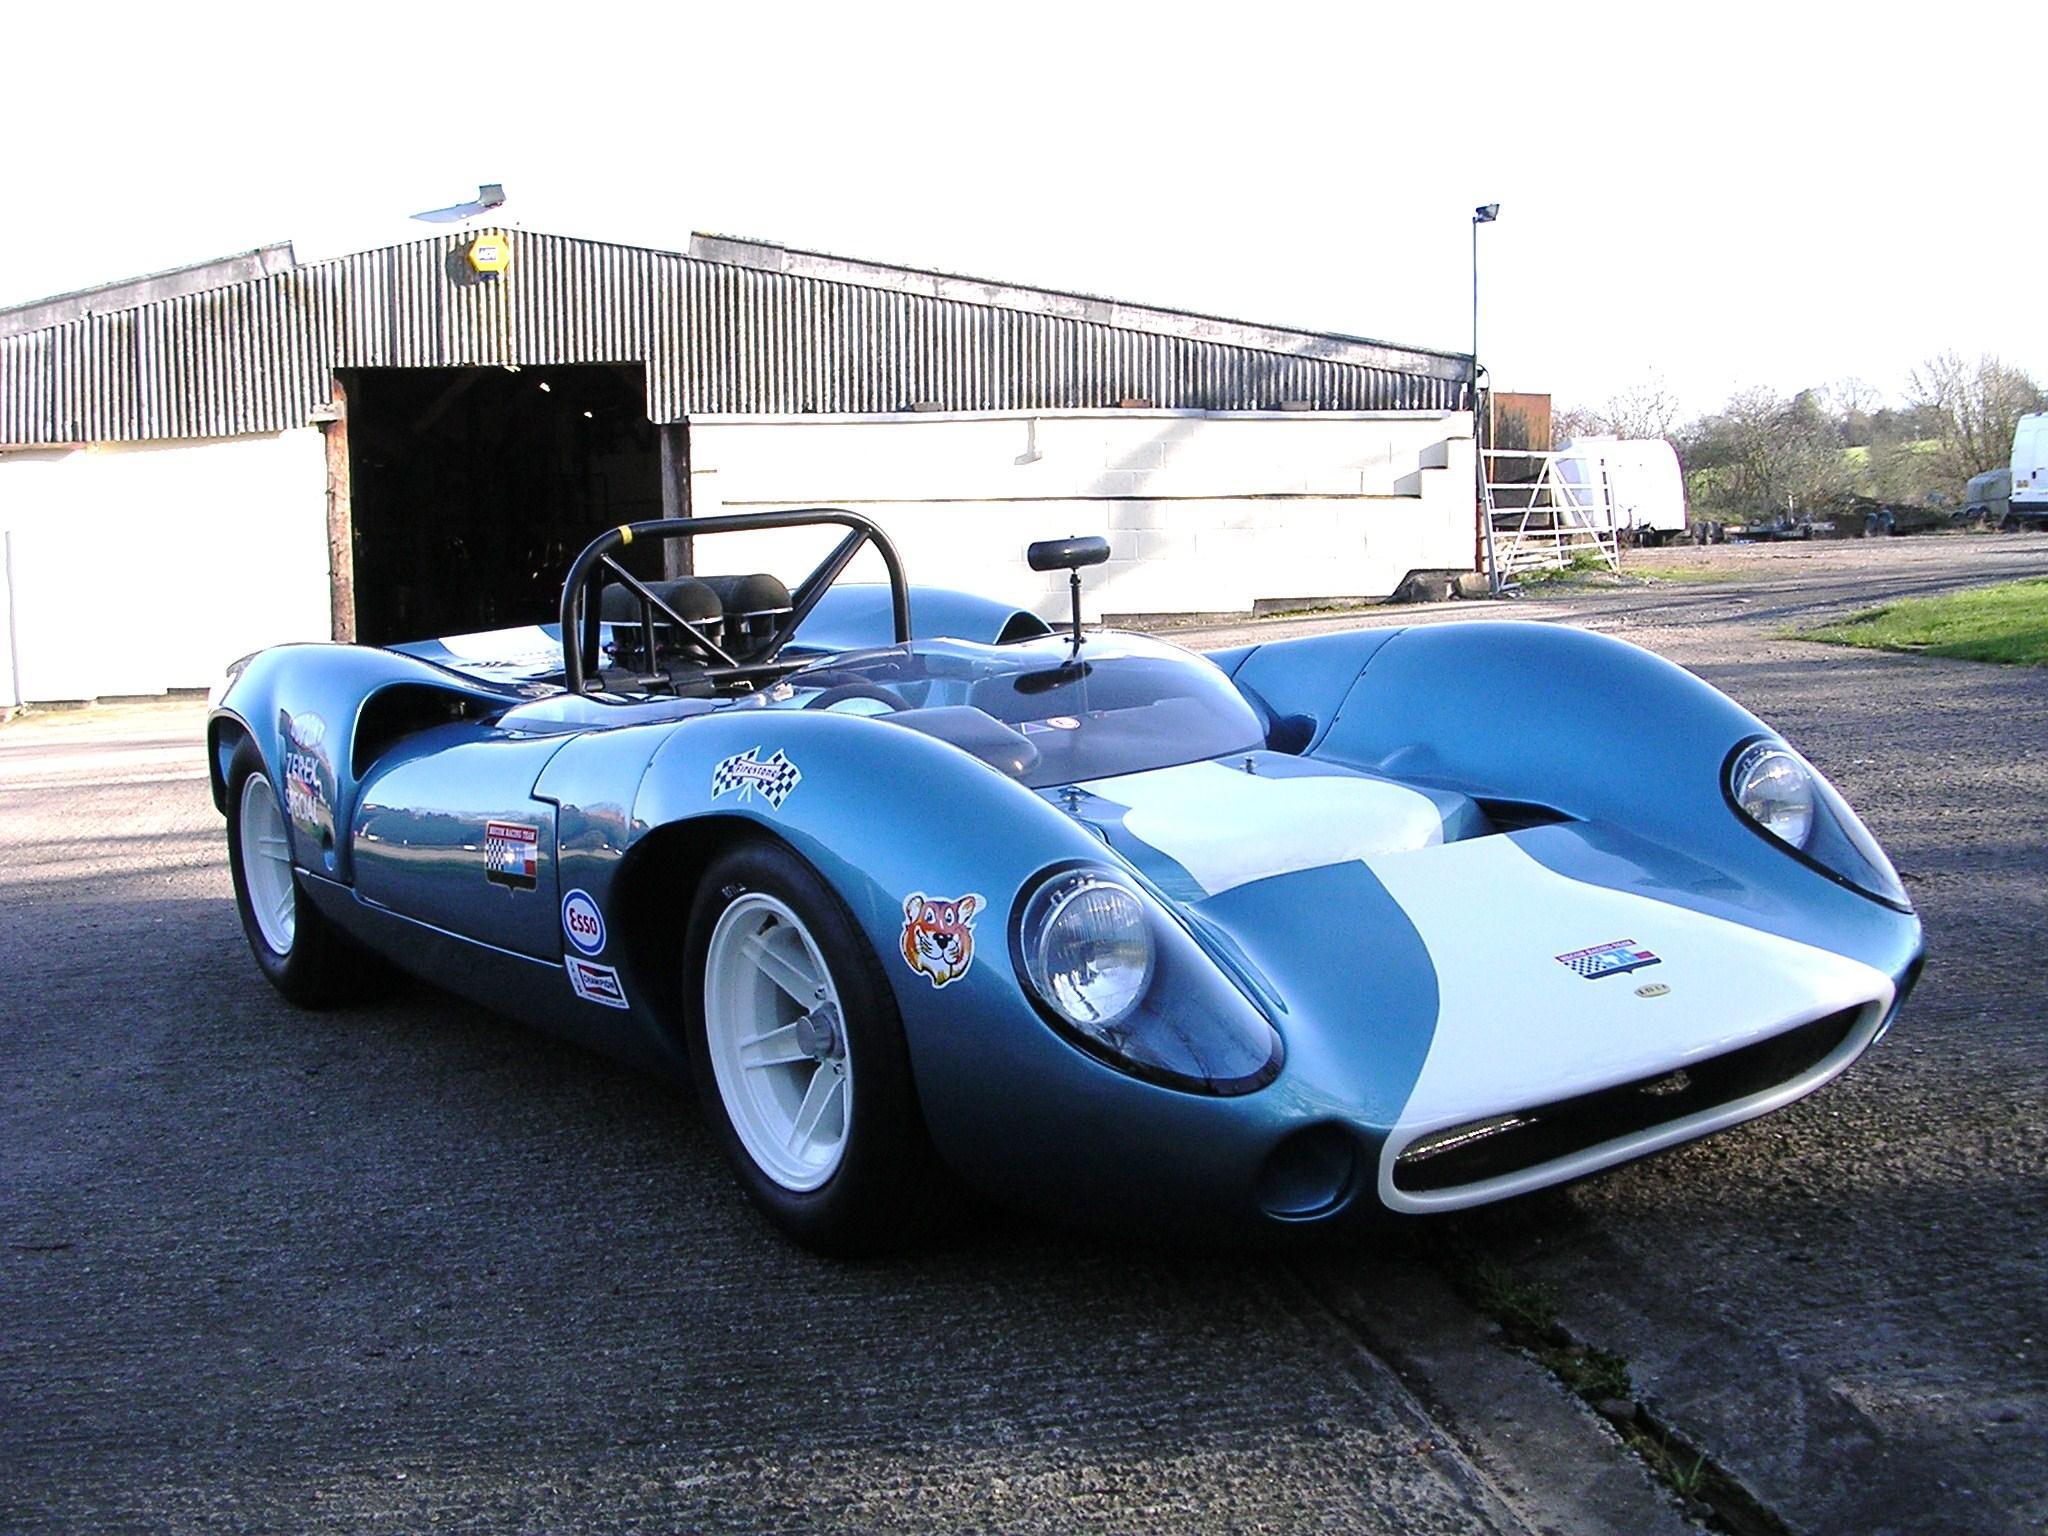 Lola T70 Mk1 #3